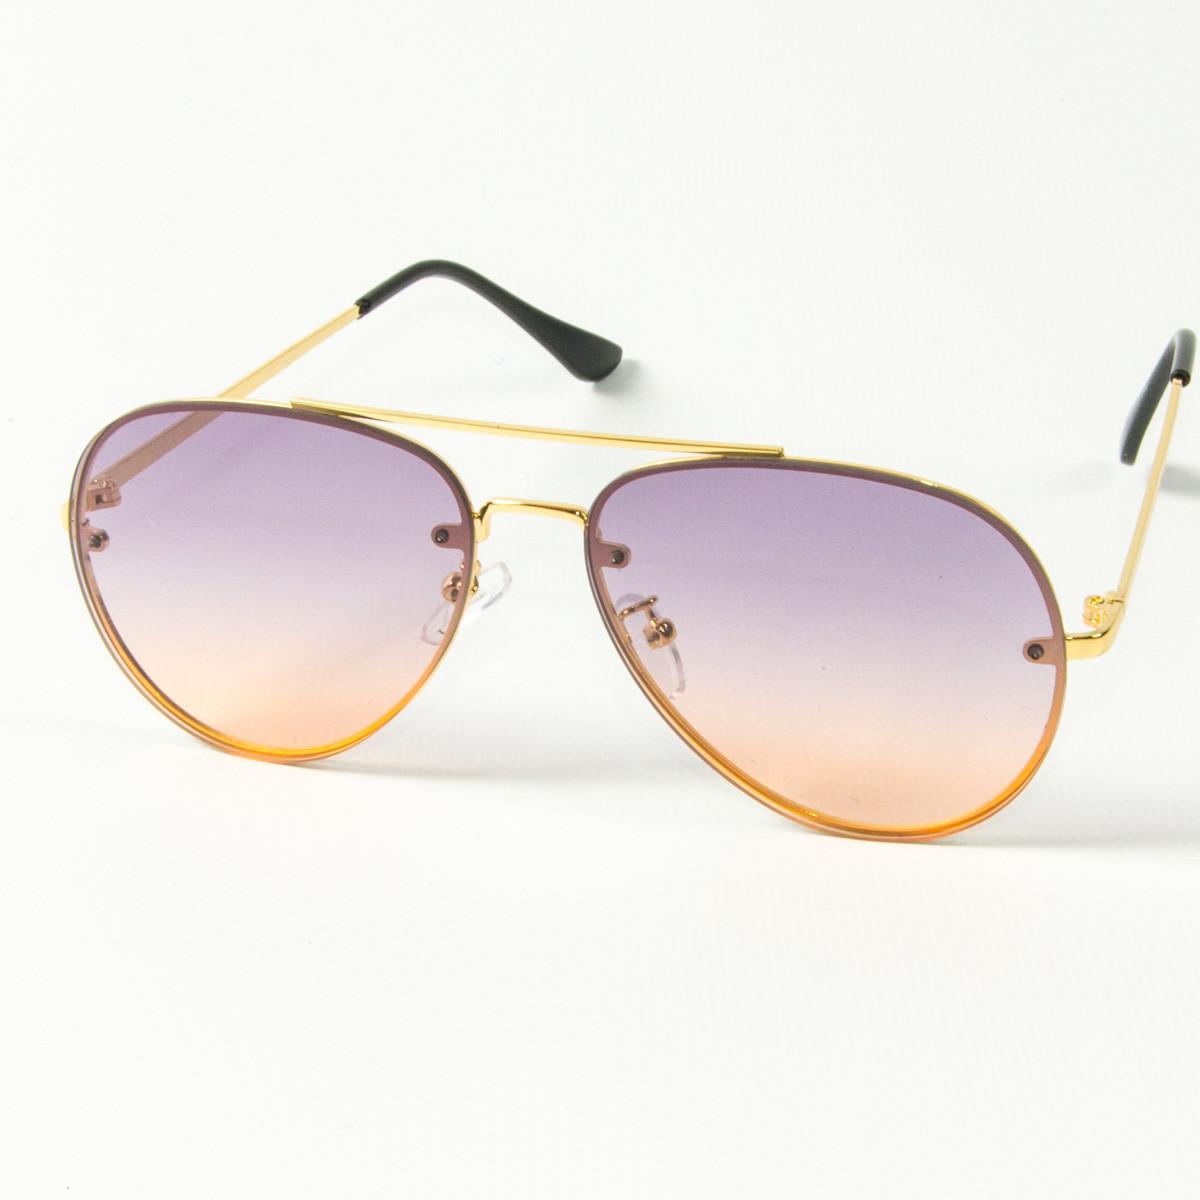 Солнцезащитные очки авиатор (арт. 80-665/6) фиолетовые